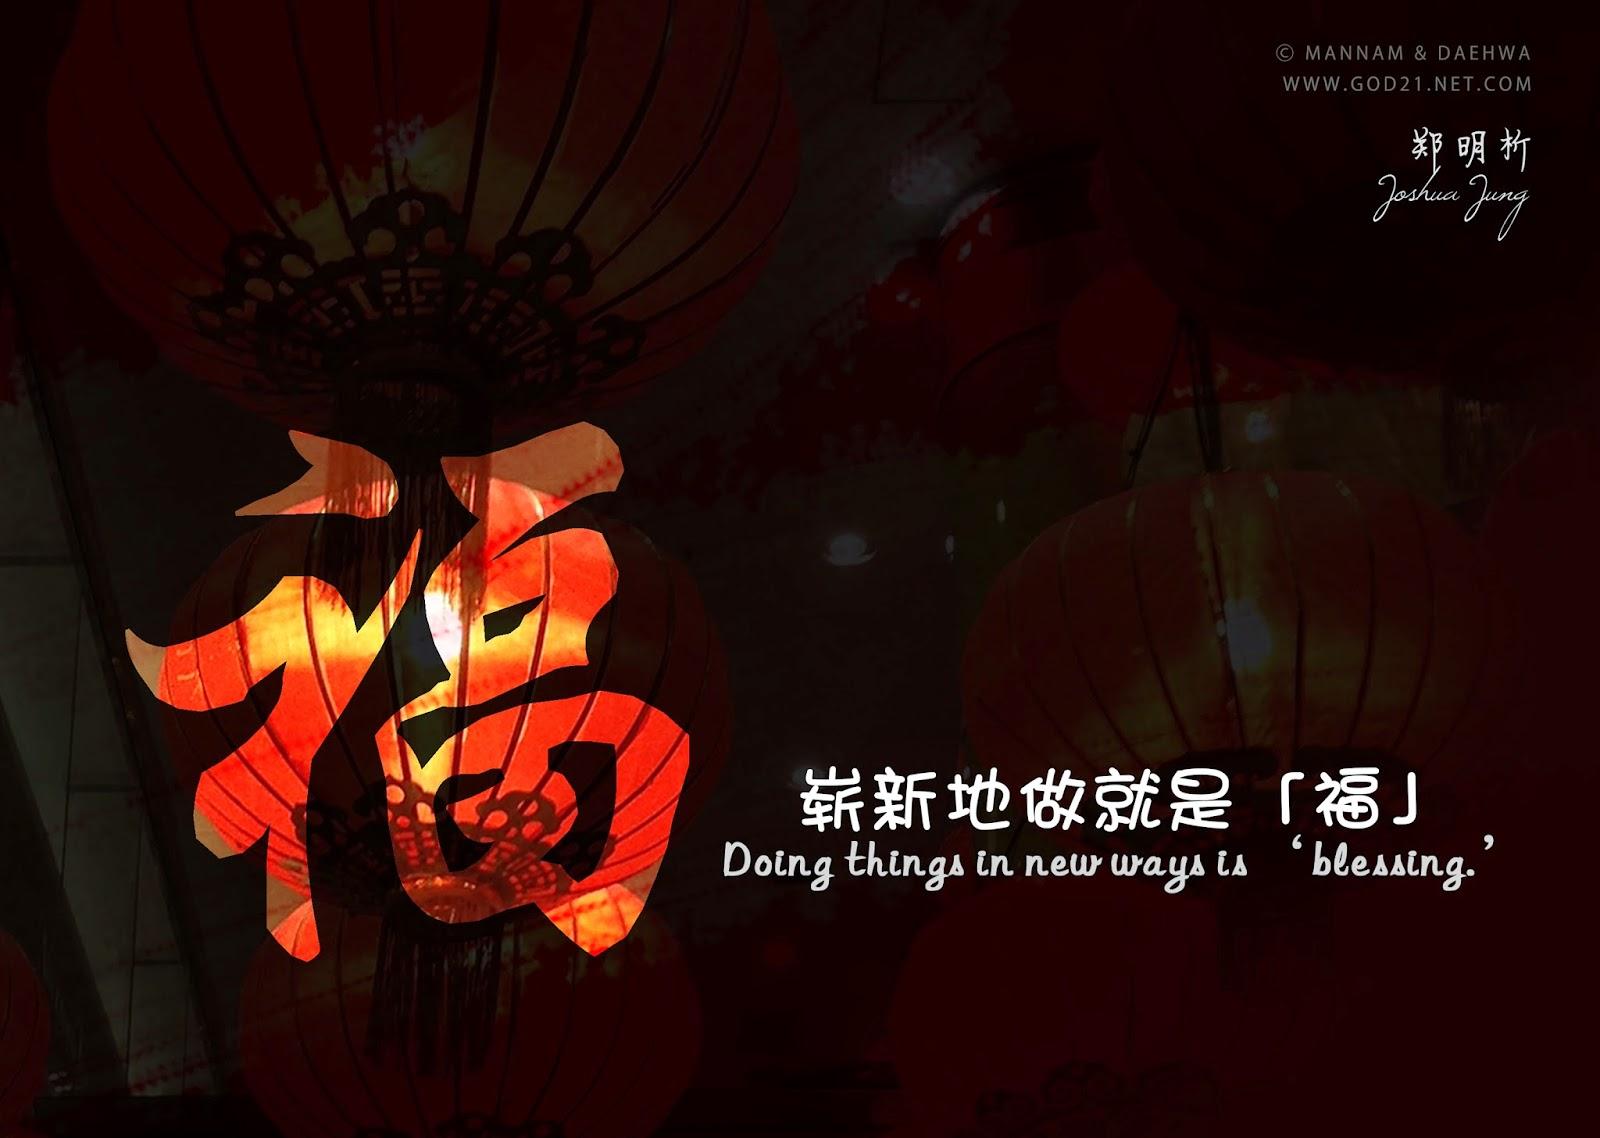 郑明析,摄理教会,月明洞,崭新,福,Joshua Jung, Providence, Wolmyeung Dong, New, Blessing